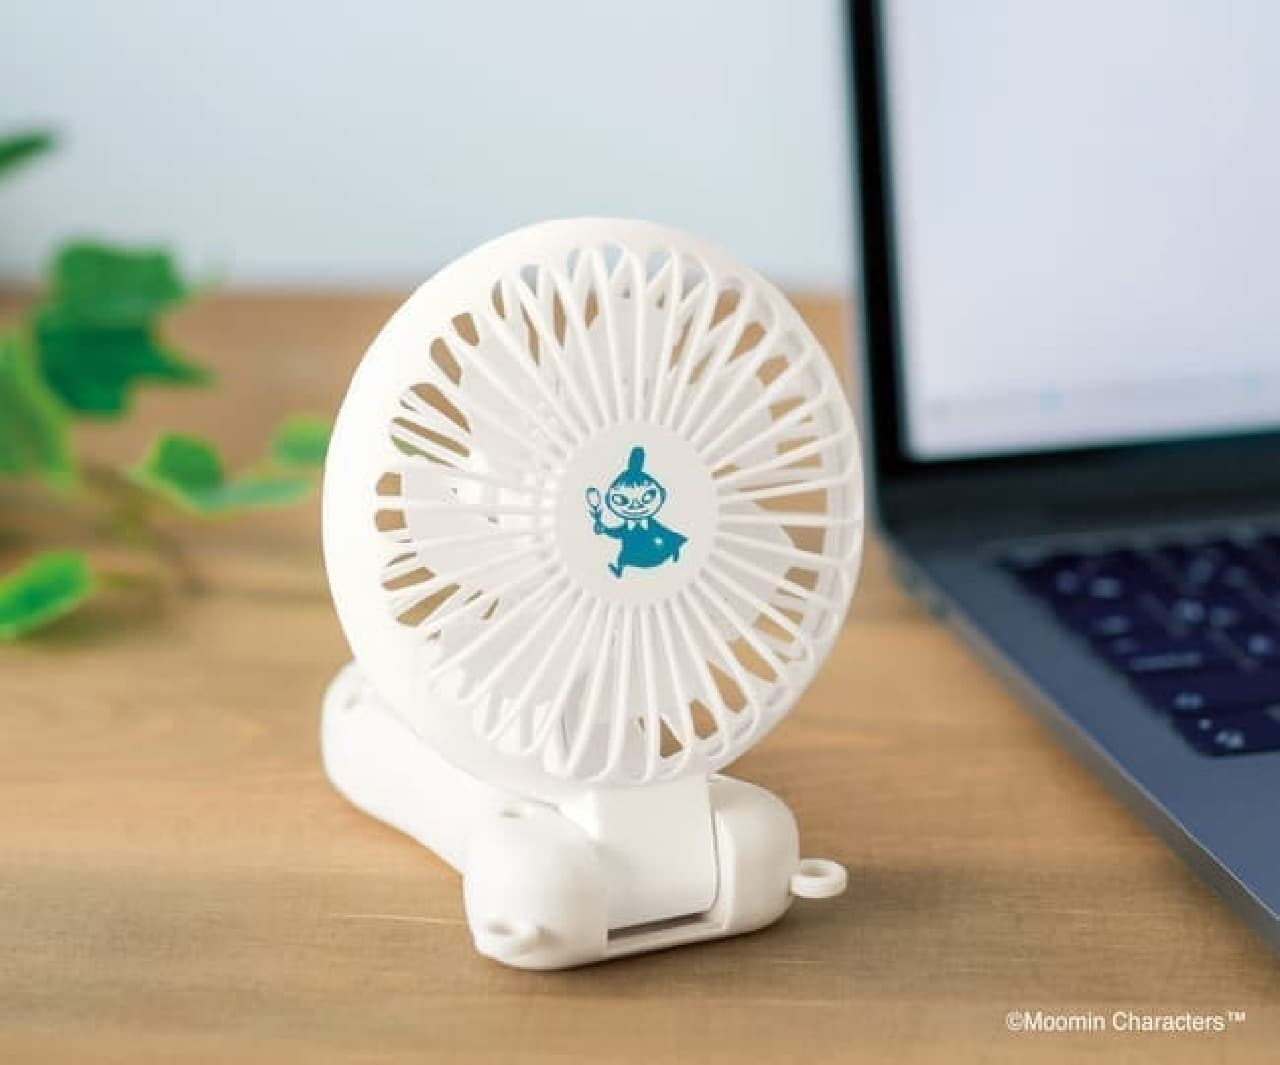 ムーミンの3WAY扇風機付き!「クックパッド プラス」2021年夏号